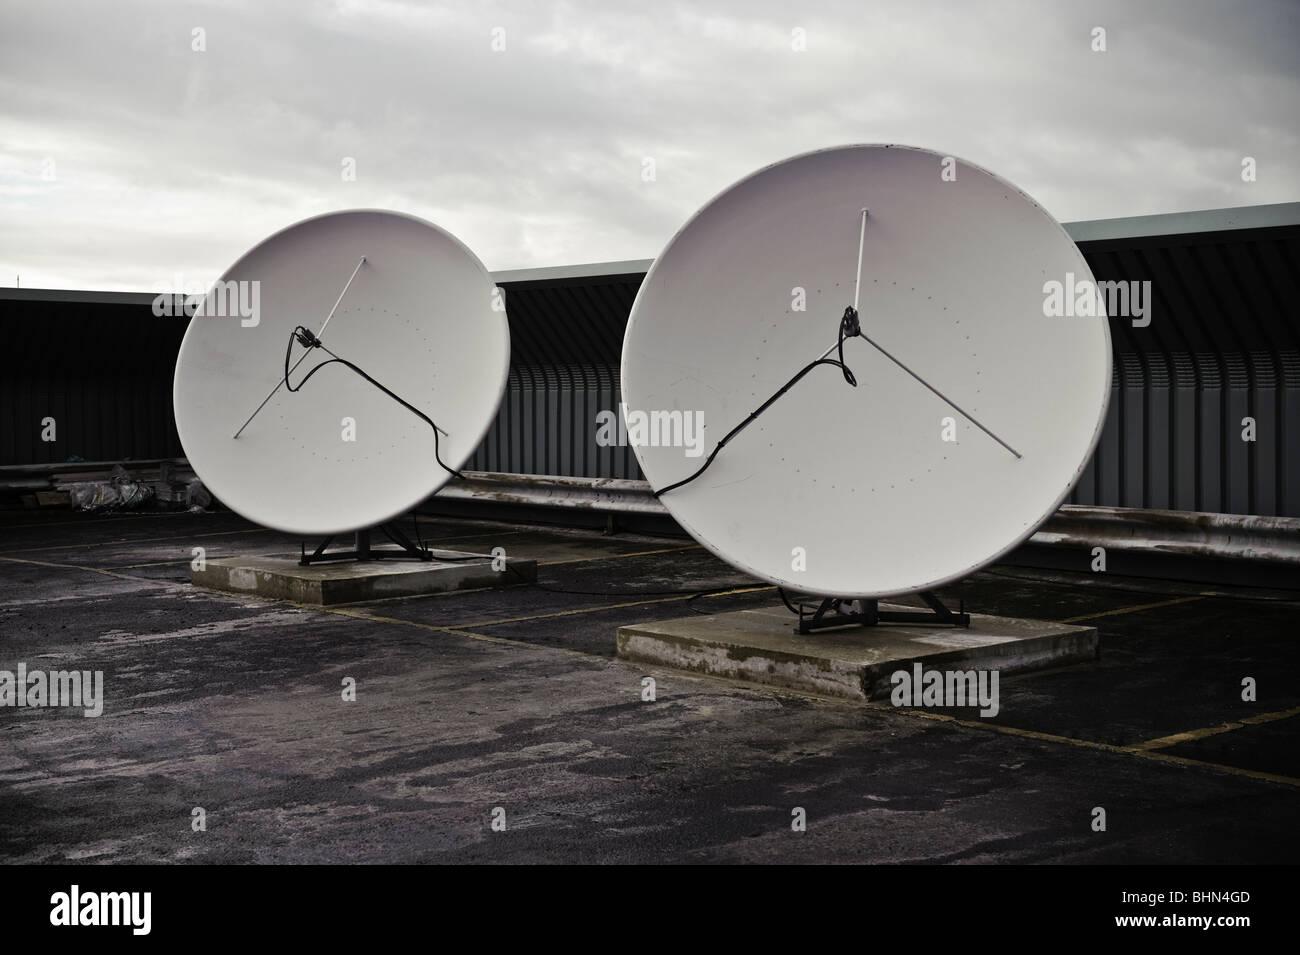 Four micro-ondes antenne parabolique pour la réception des signaux de télévision de diffusion extérieure Photo Stock